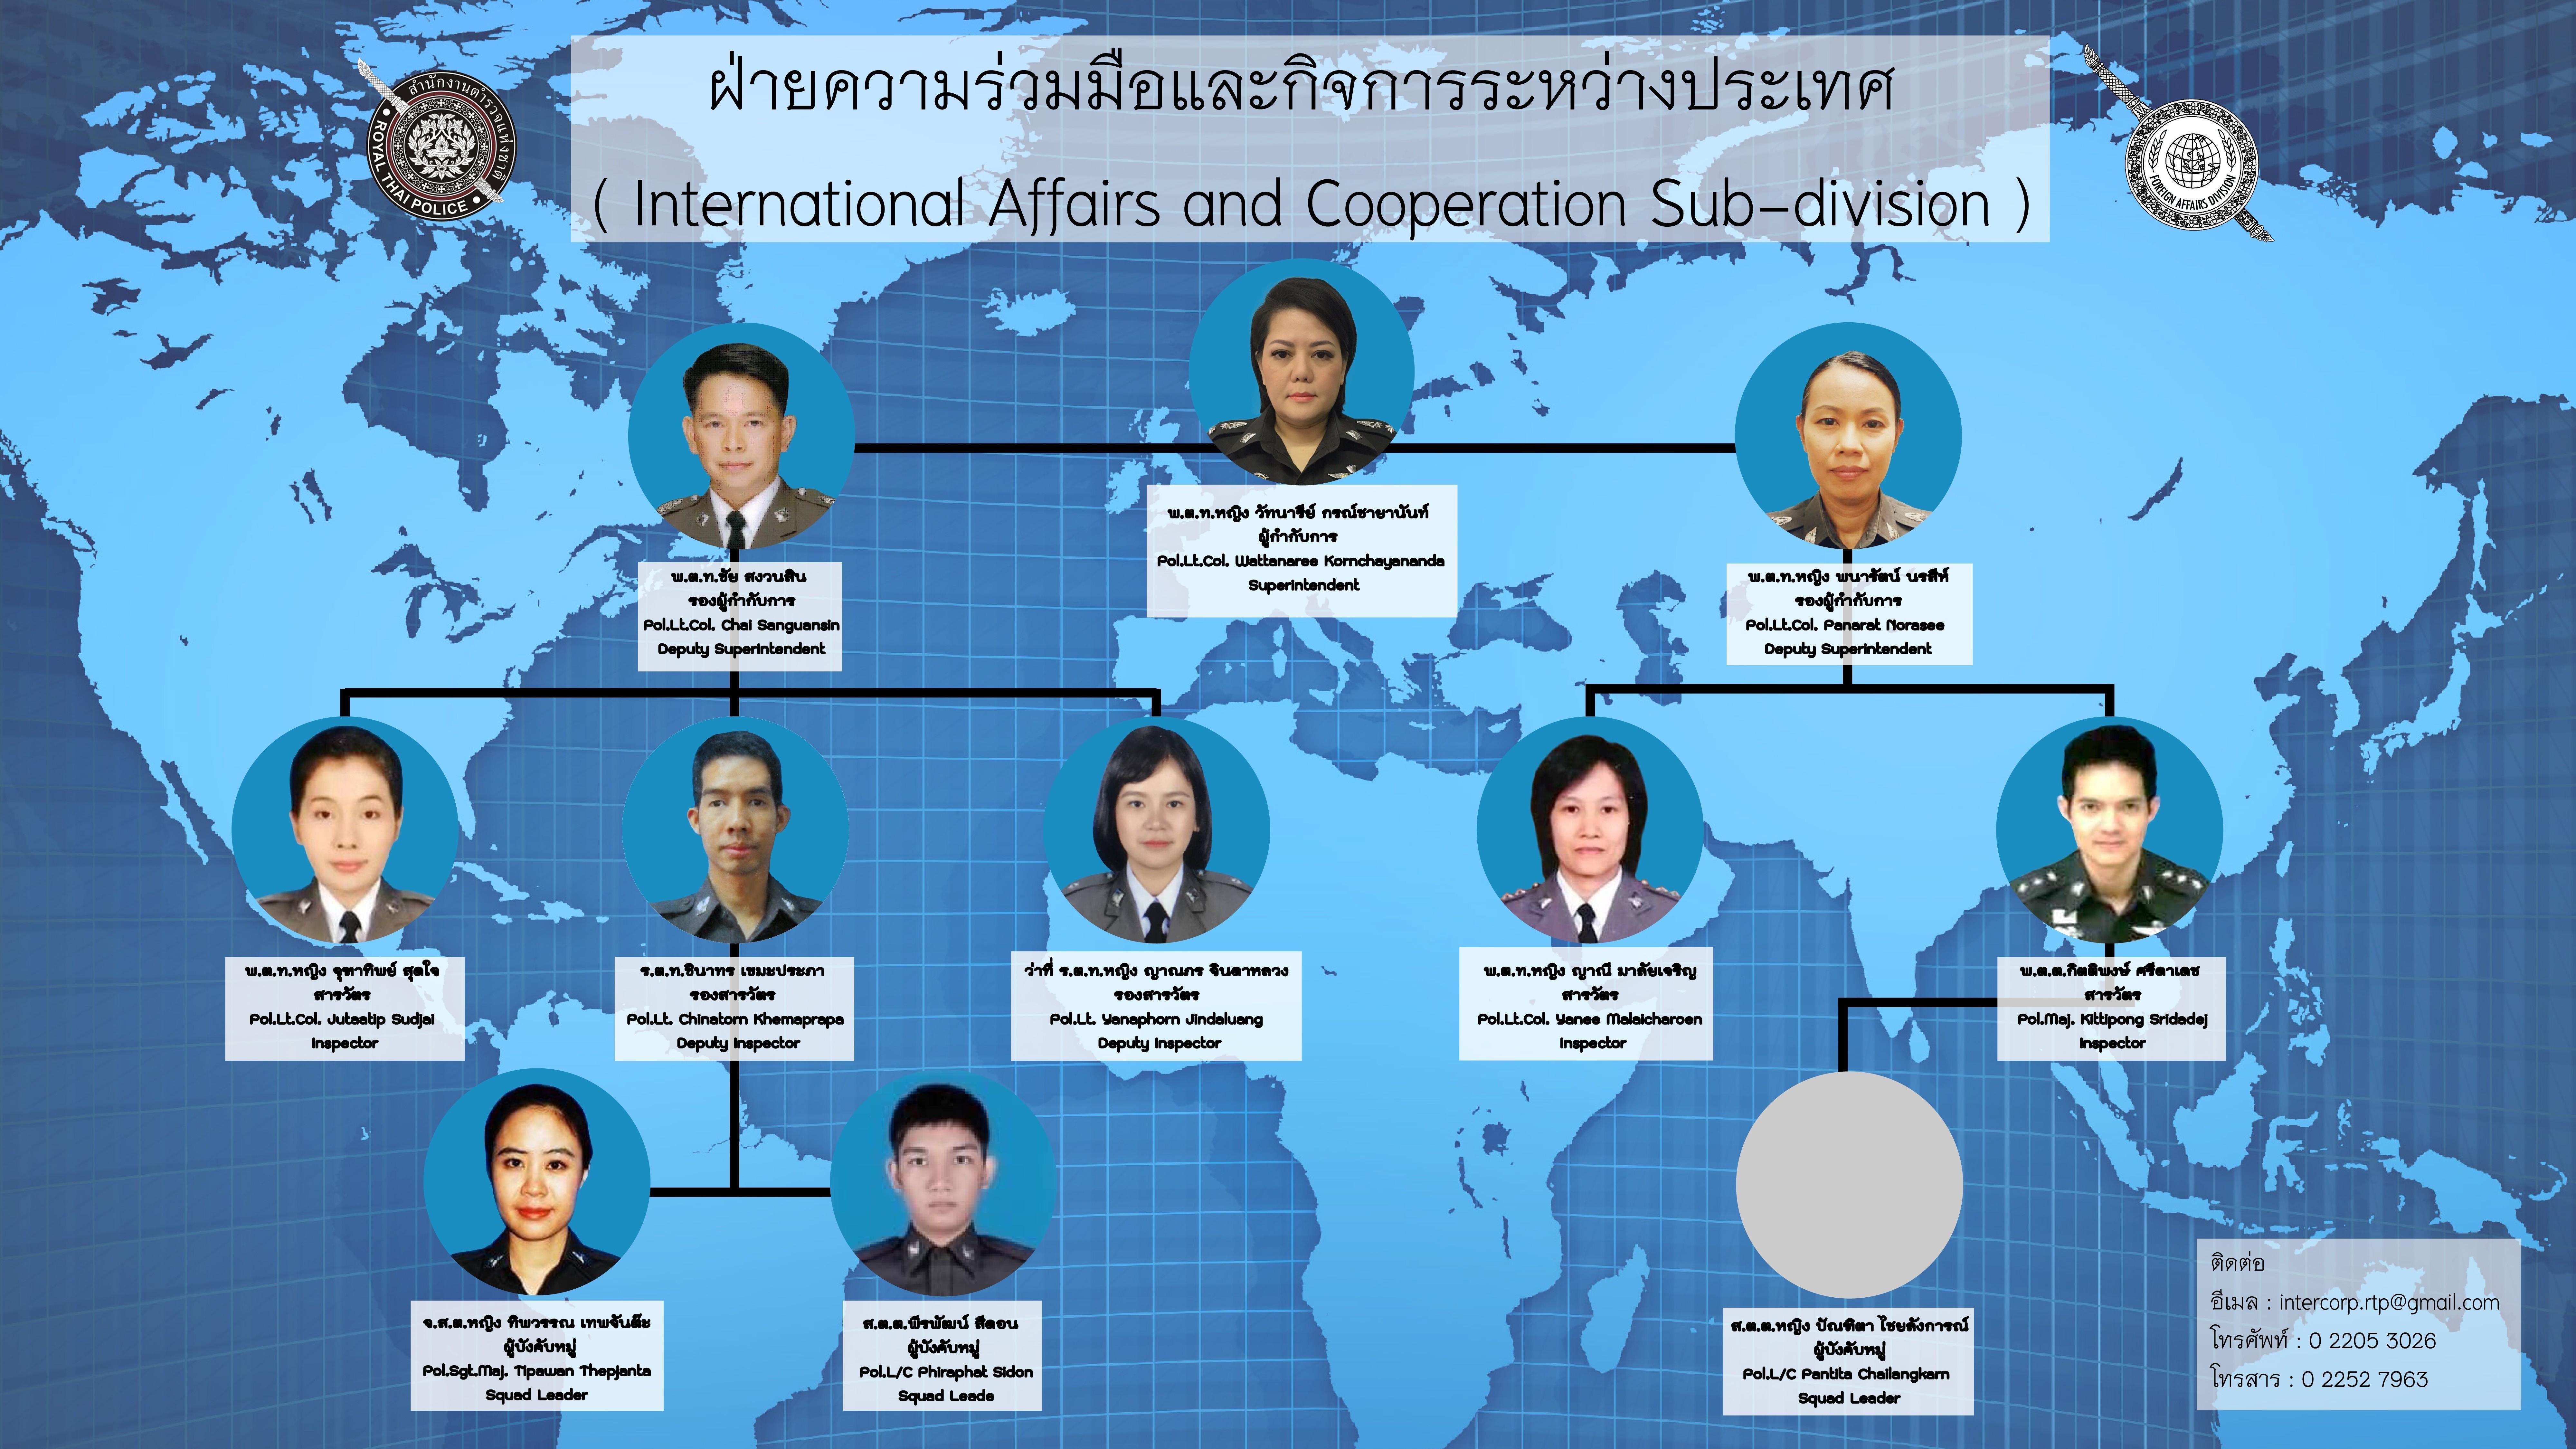 ฝ่ายความร่วมมือและกิจการระหว่างประเทศ